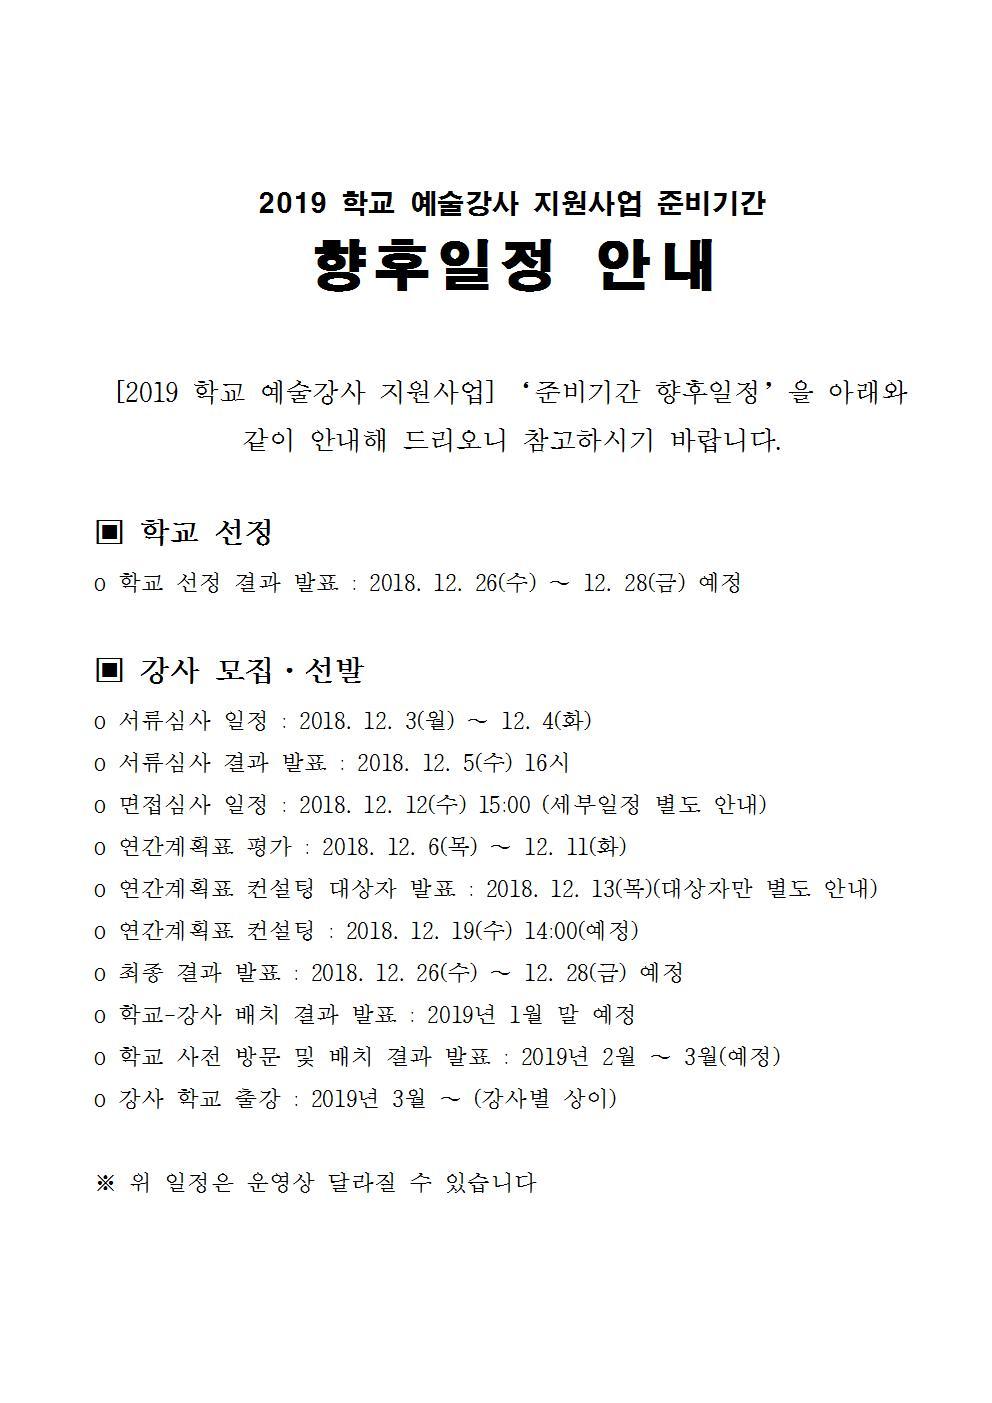 2019 사업 준비 향후일정001.jpg